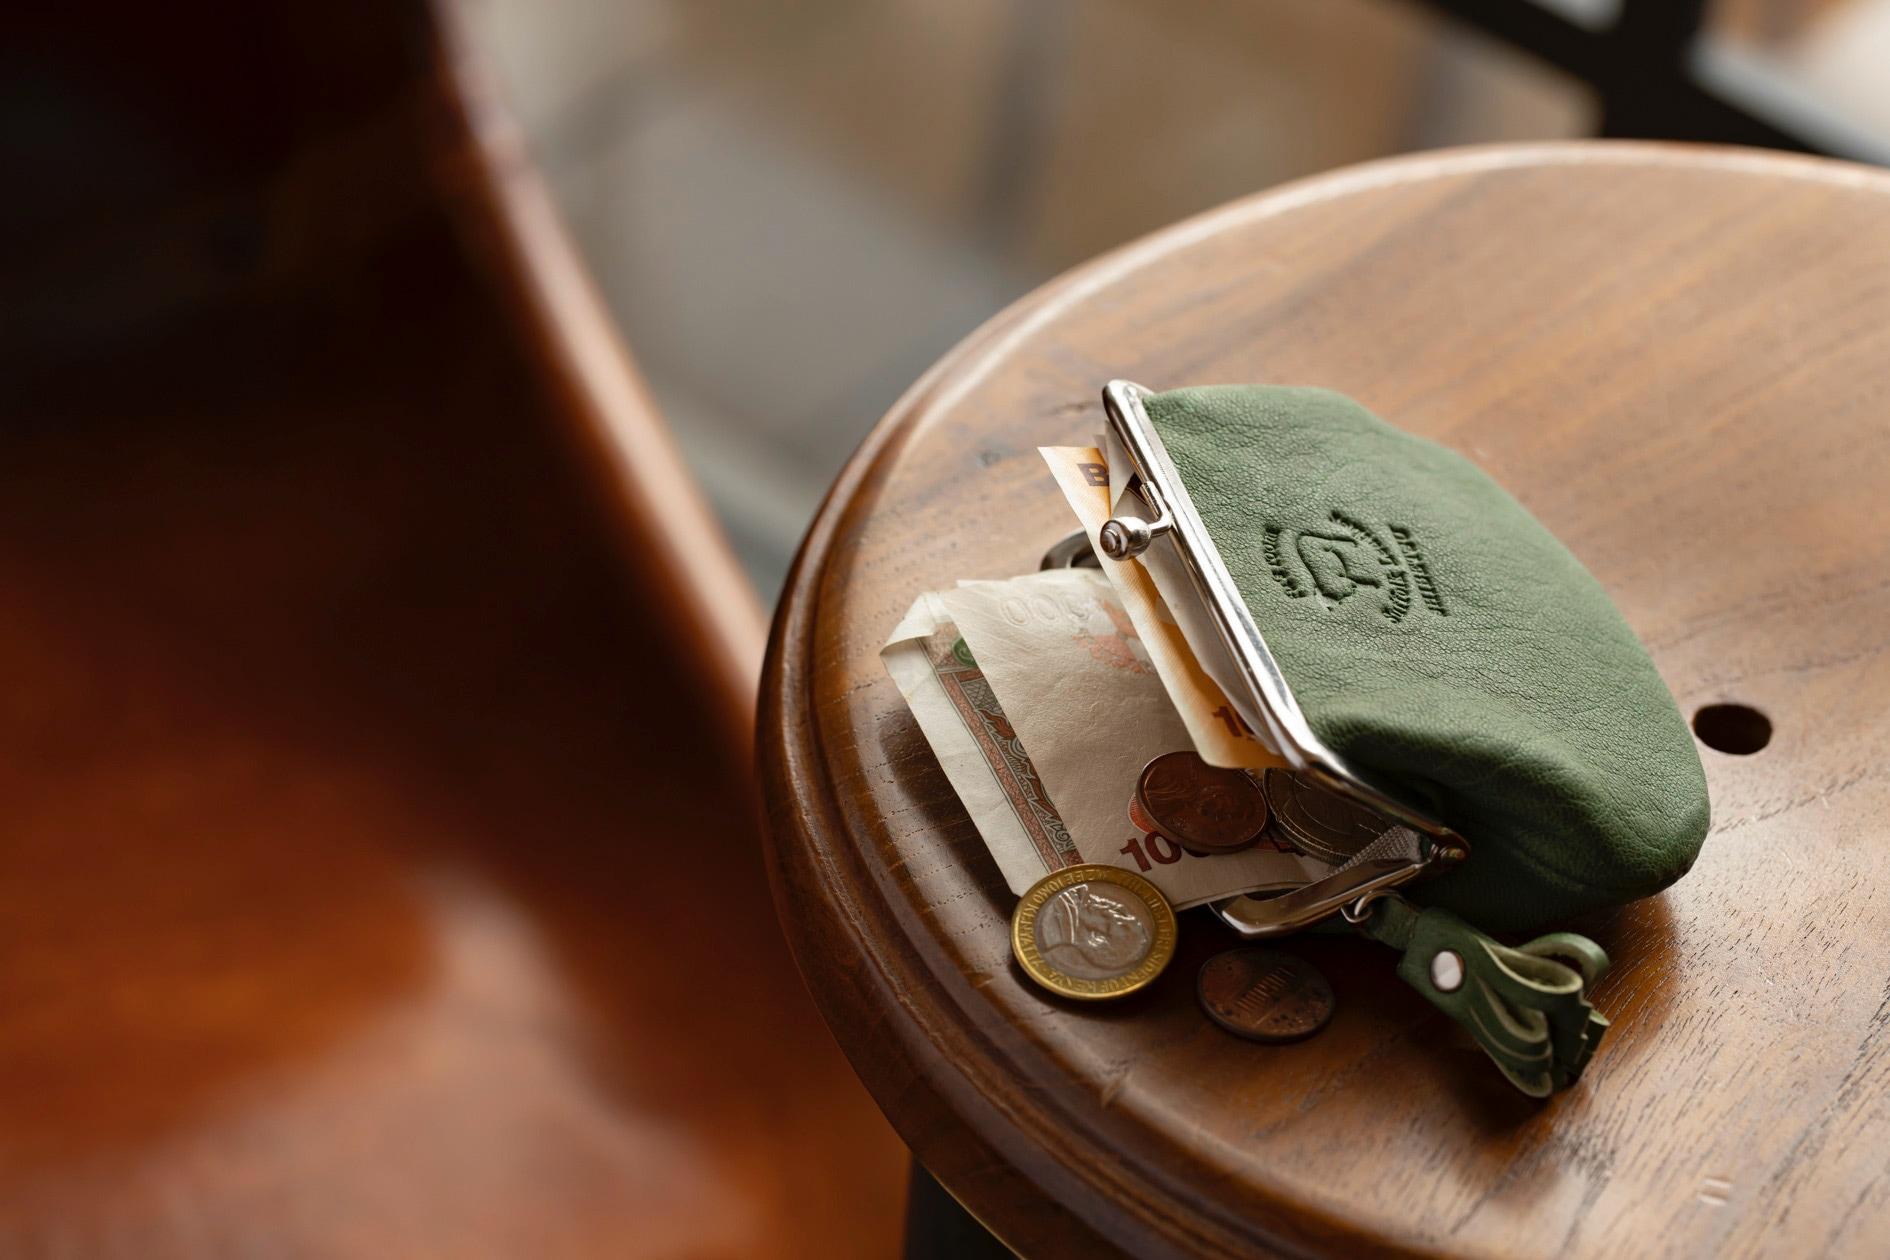 テーブルの上に置かれたFu's roomのサフォークレザーの「がま口(Mサイズ)」とお札とコイン,ハンドメイドクラフト